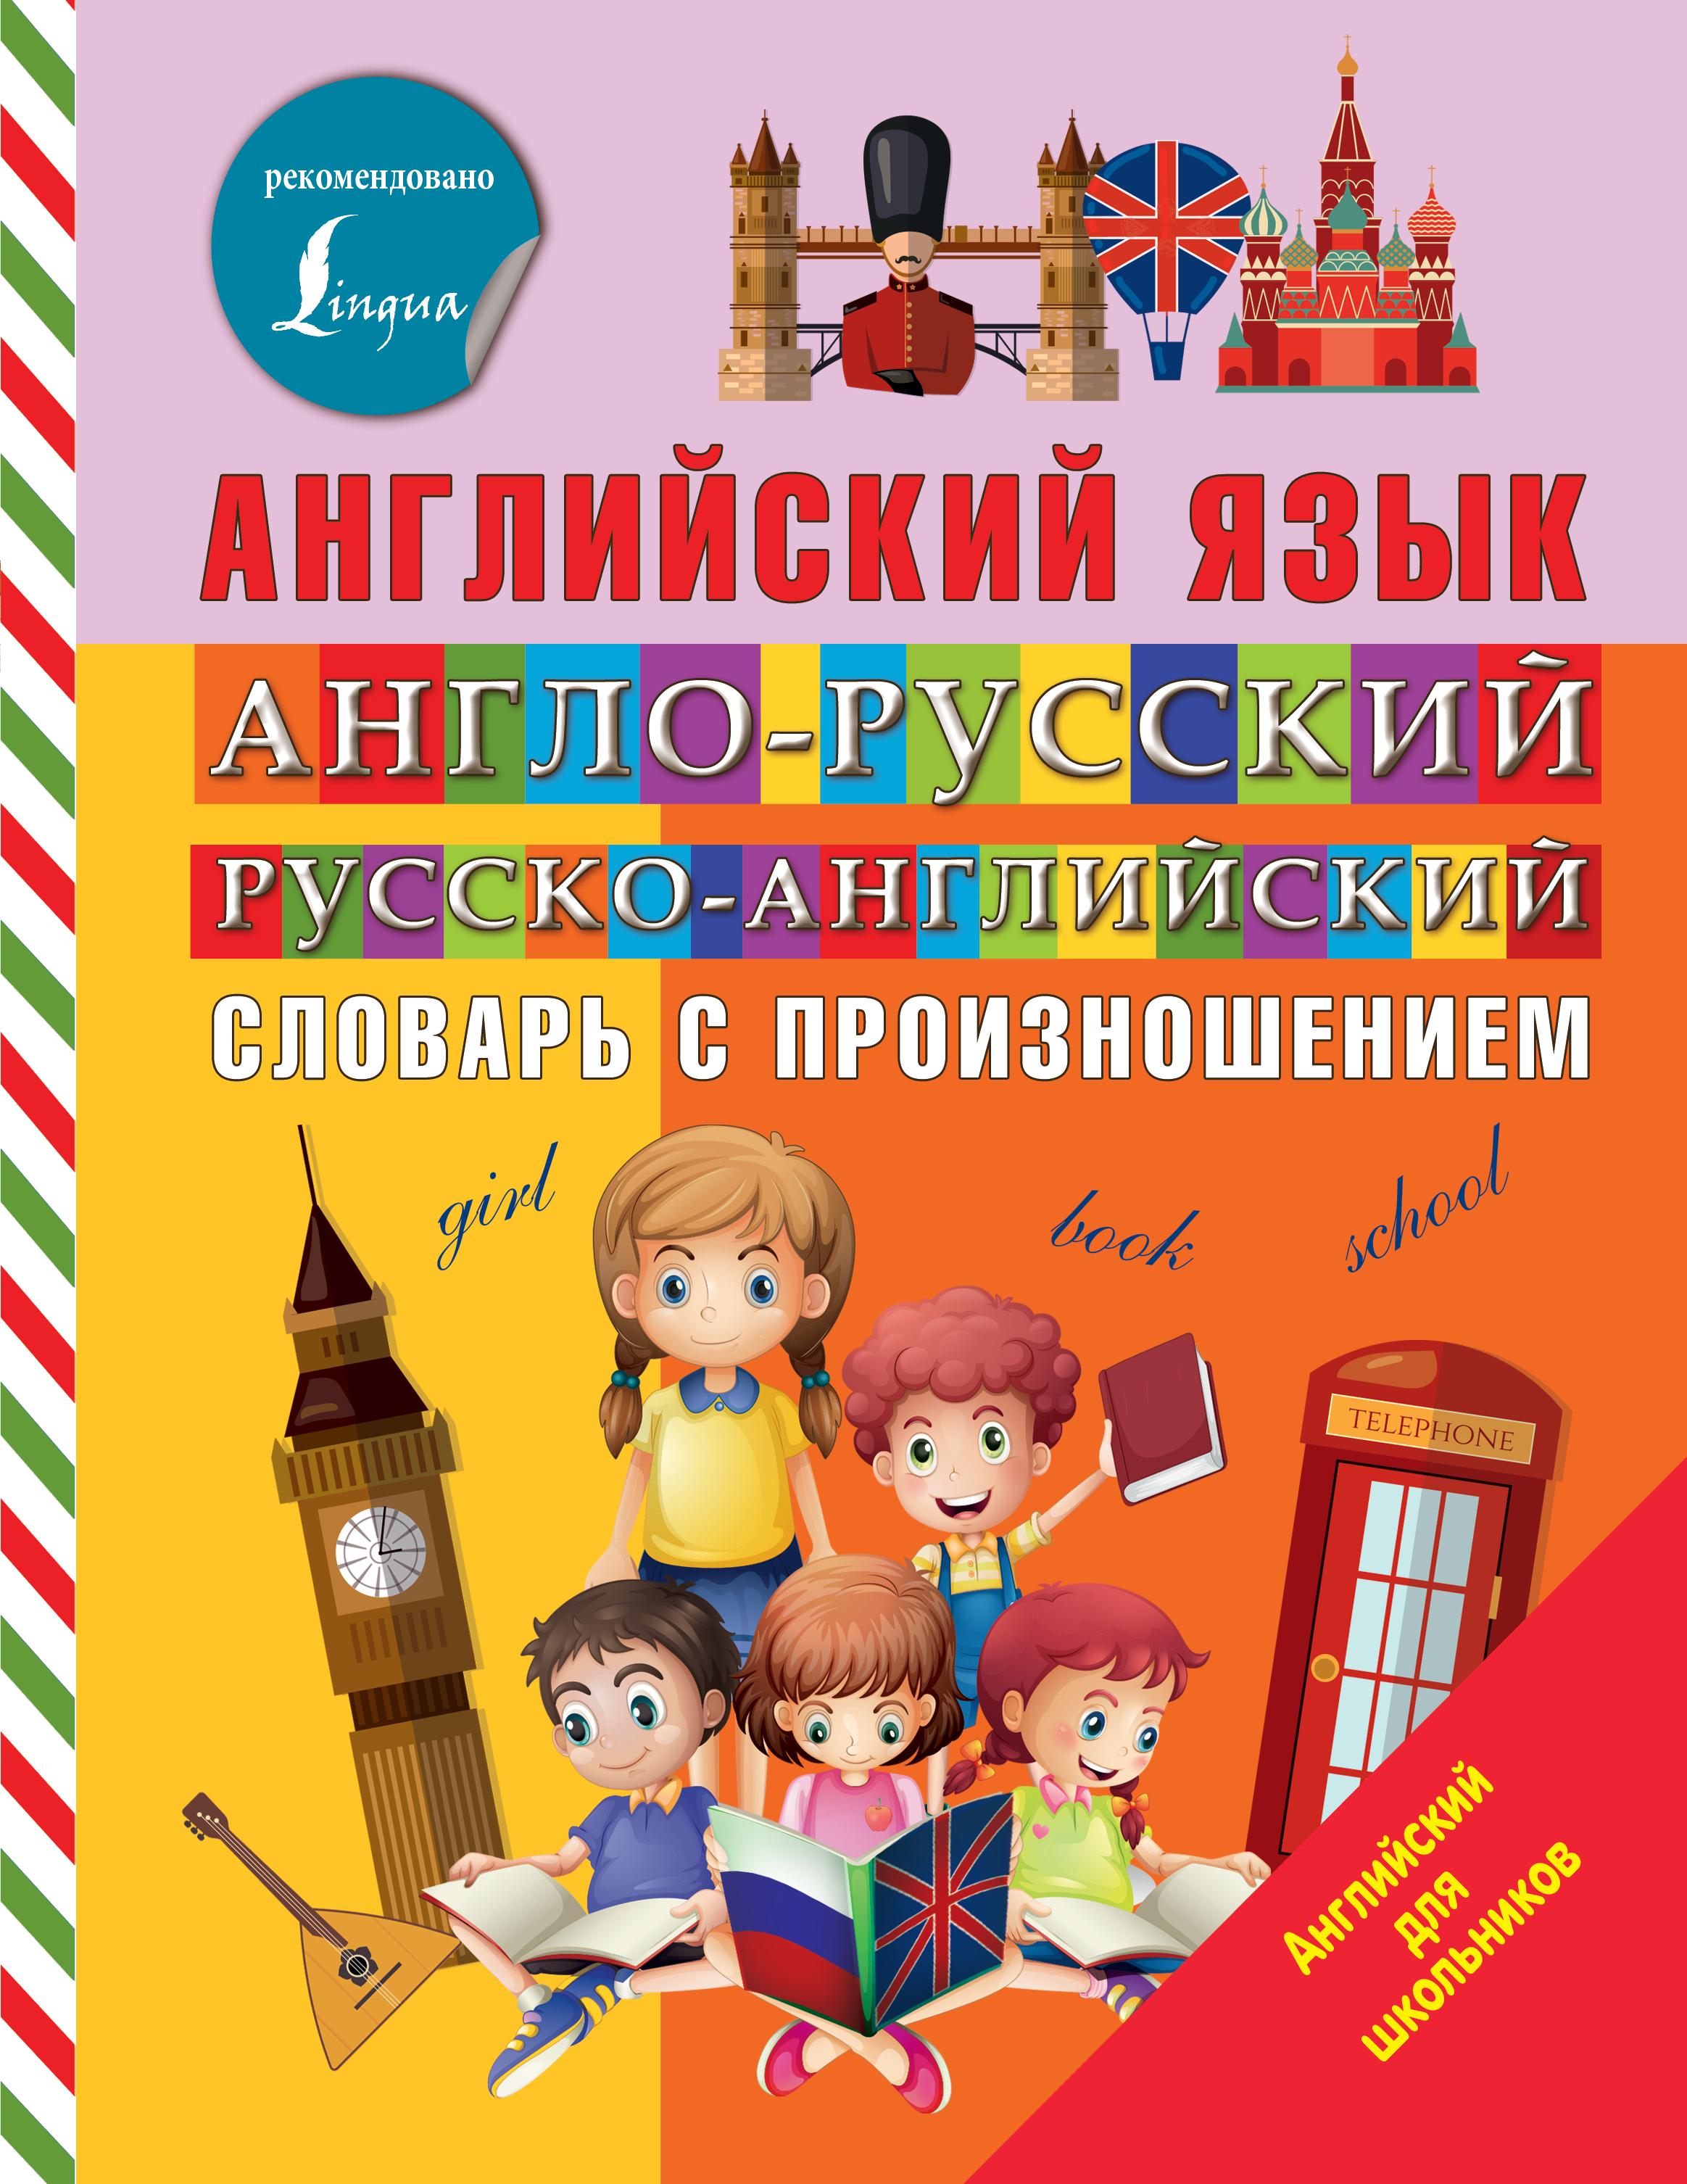 Англо-русский русско-английский словарь с произношением ( Державина Виктория Александровна  )